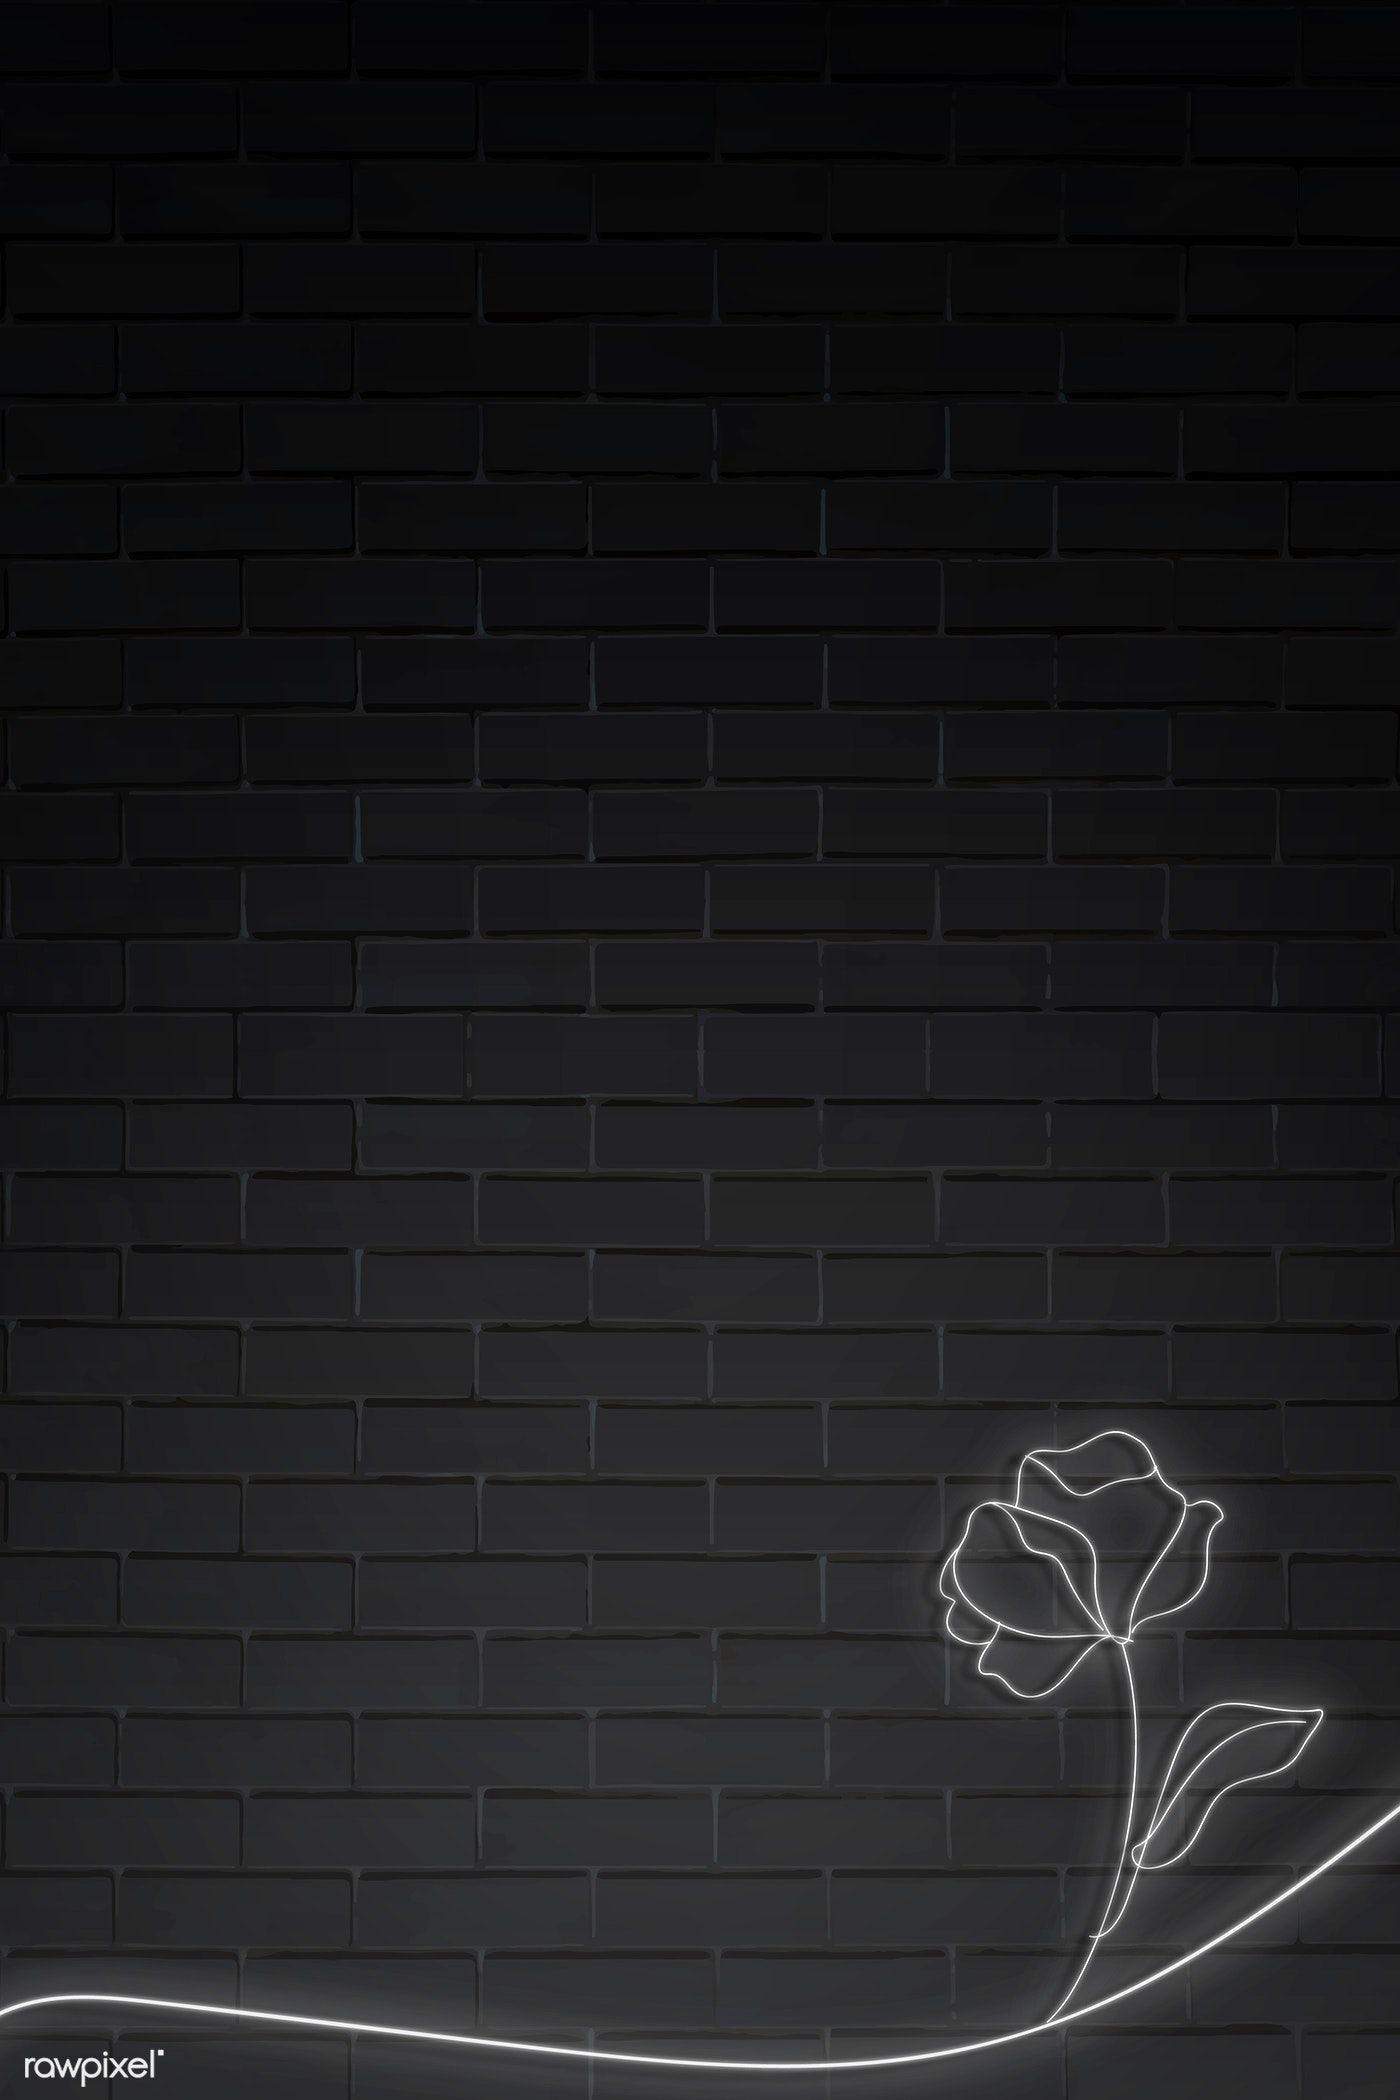 Download Premium Vector Of Neon Lights Flower On Black Brick Wall Vector In 2020 Black Brick Wall Black Brick Neon Lighting